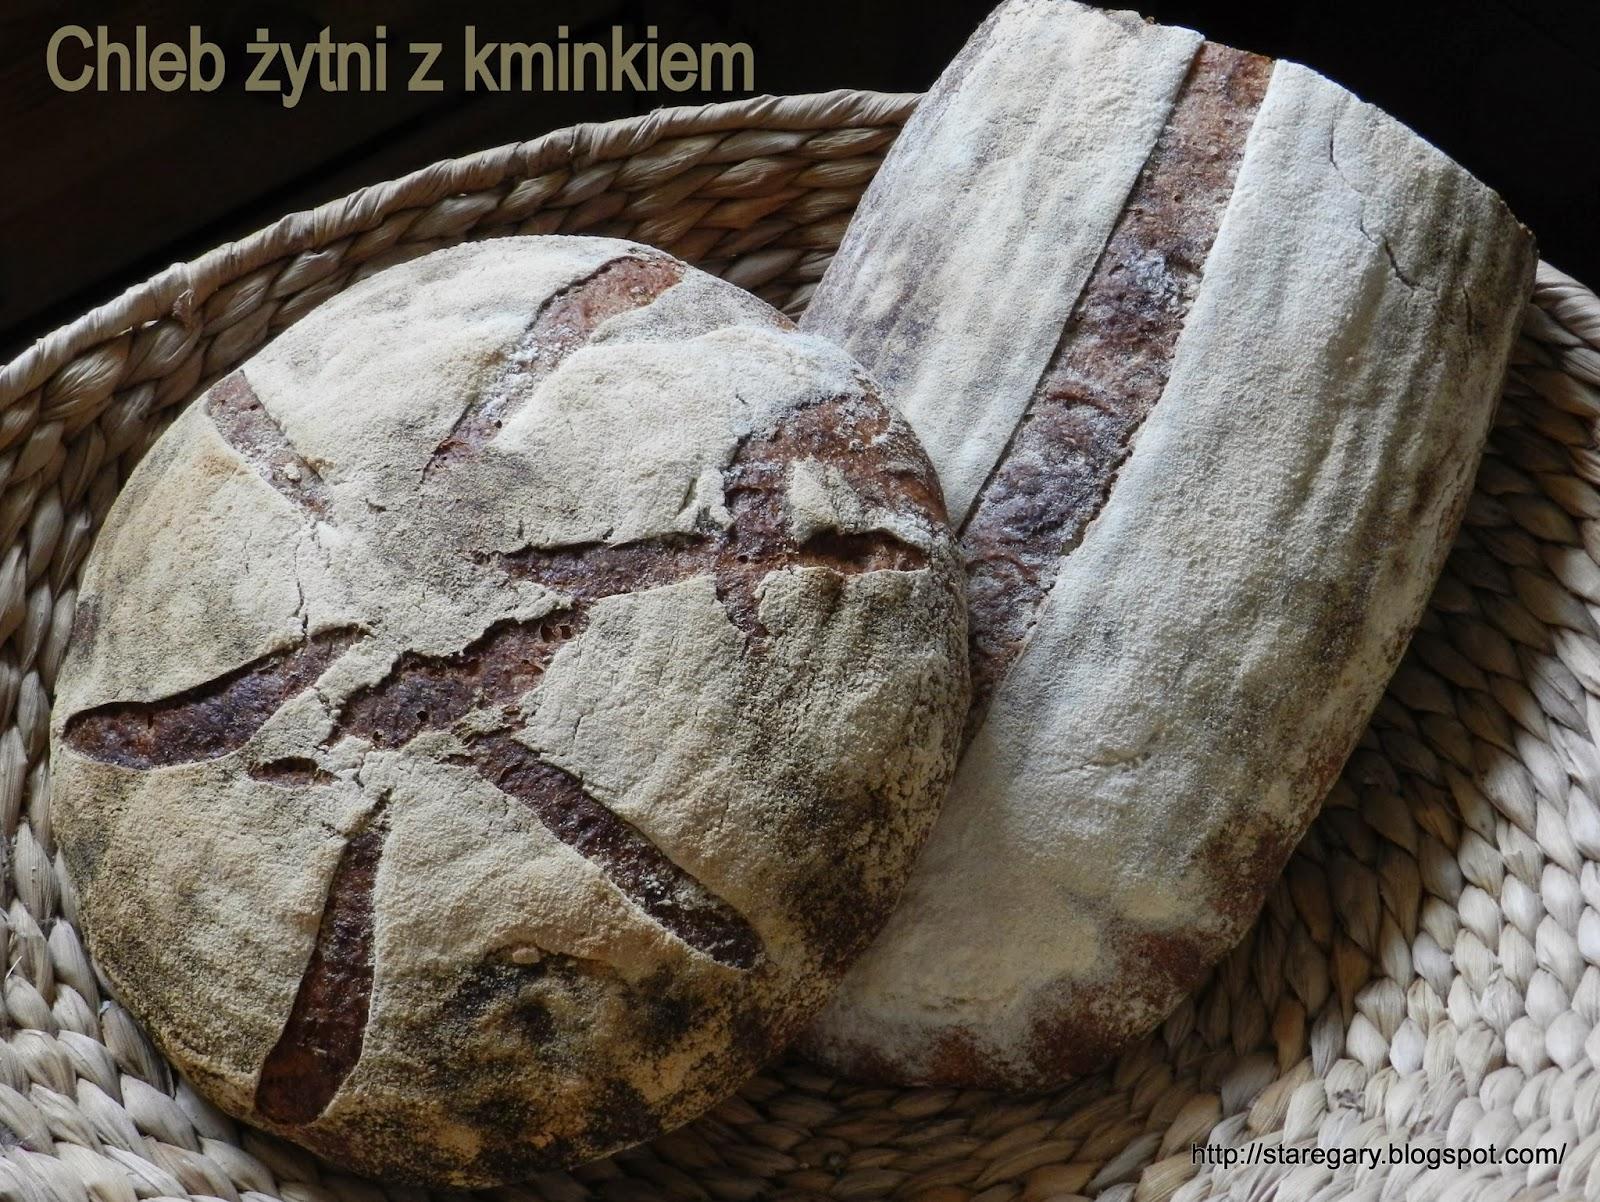 Chleb żytni z kminkiem  (40%)  Hamelman'a